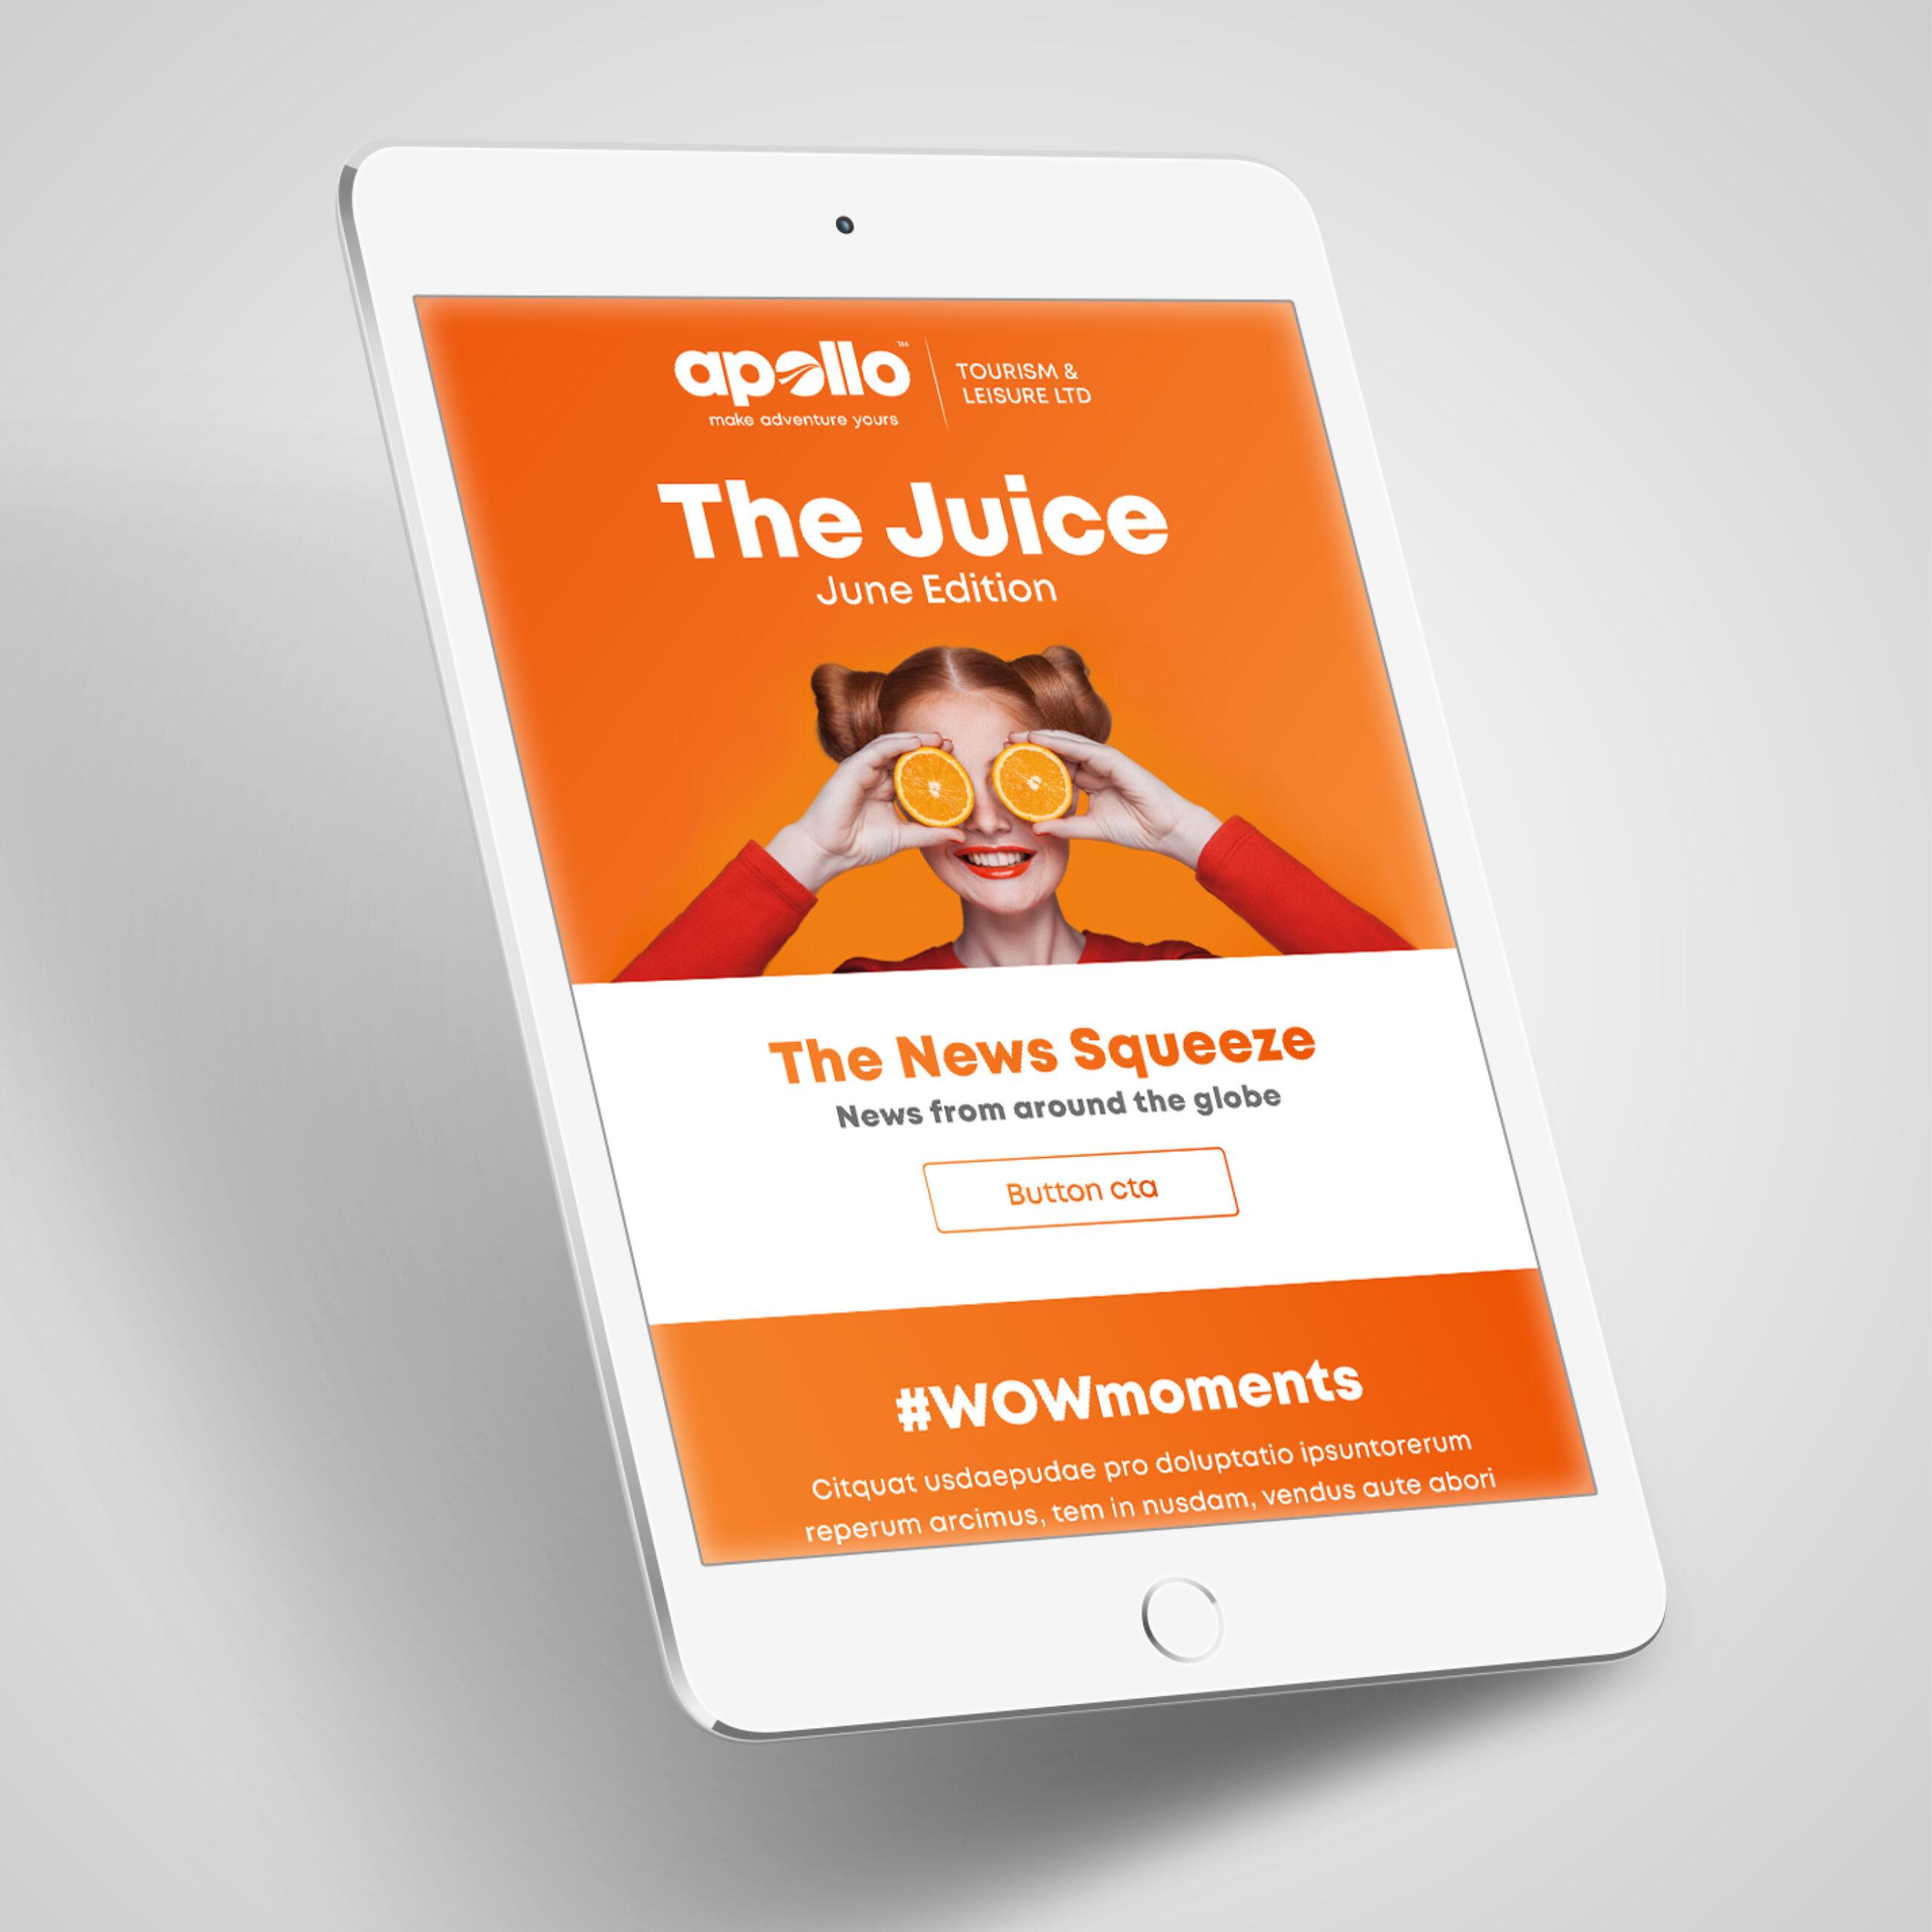 Apollo Branding Example on iPad